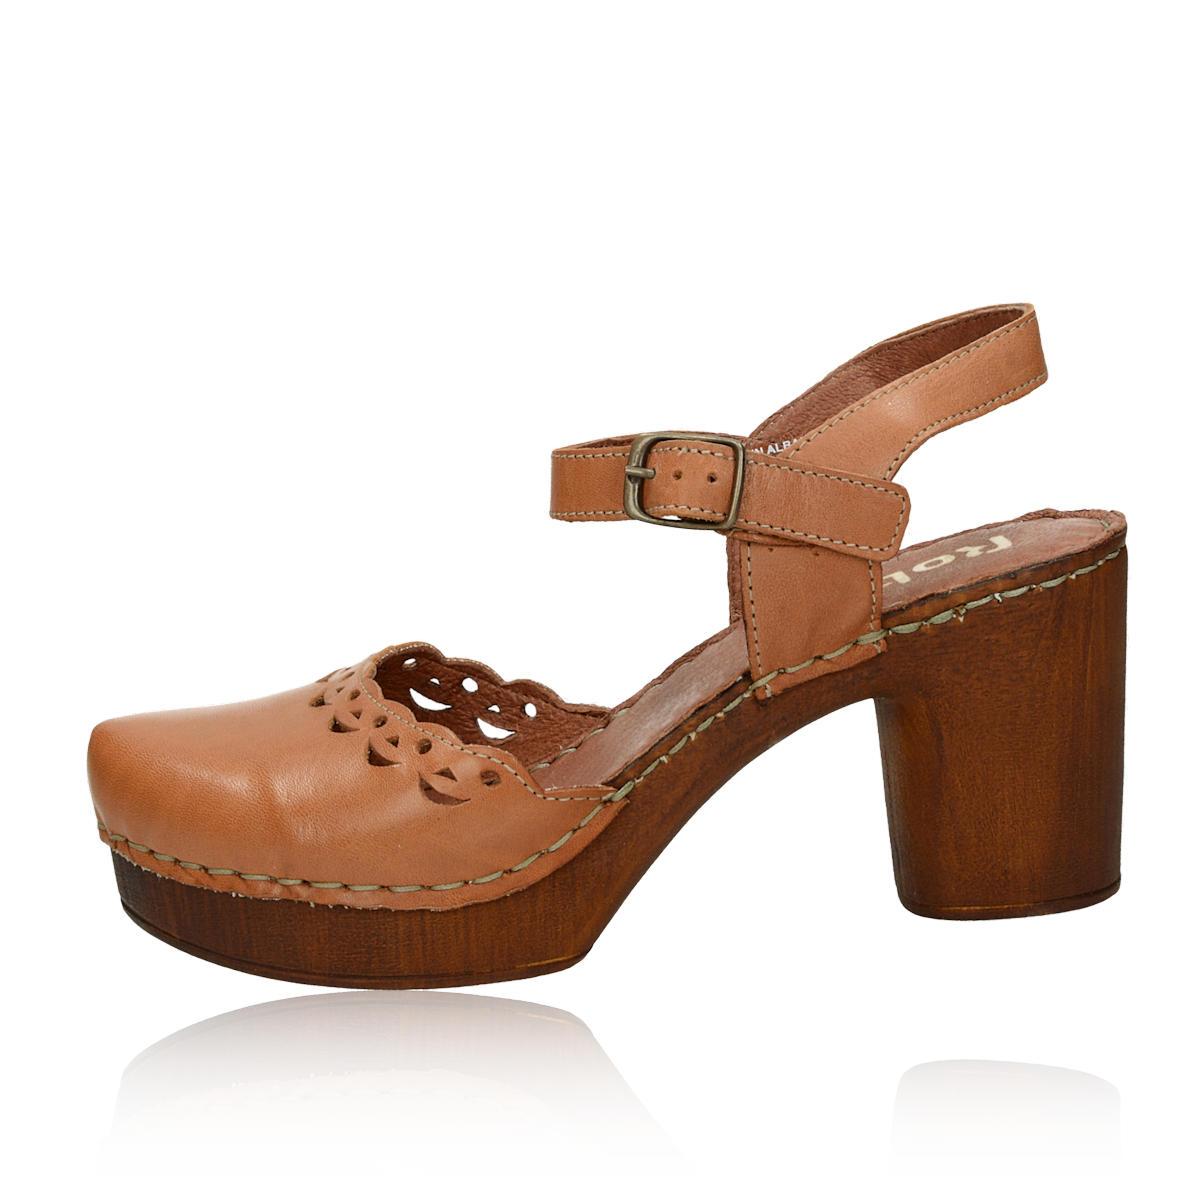 74ccab8689f2 ... Robel dámske kožené sandále na podpätku - hnedé ...